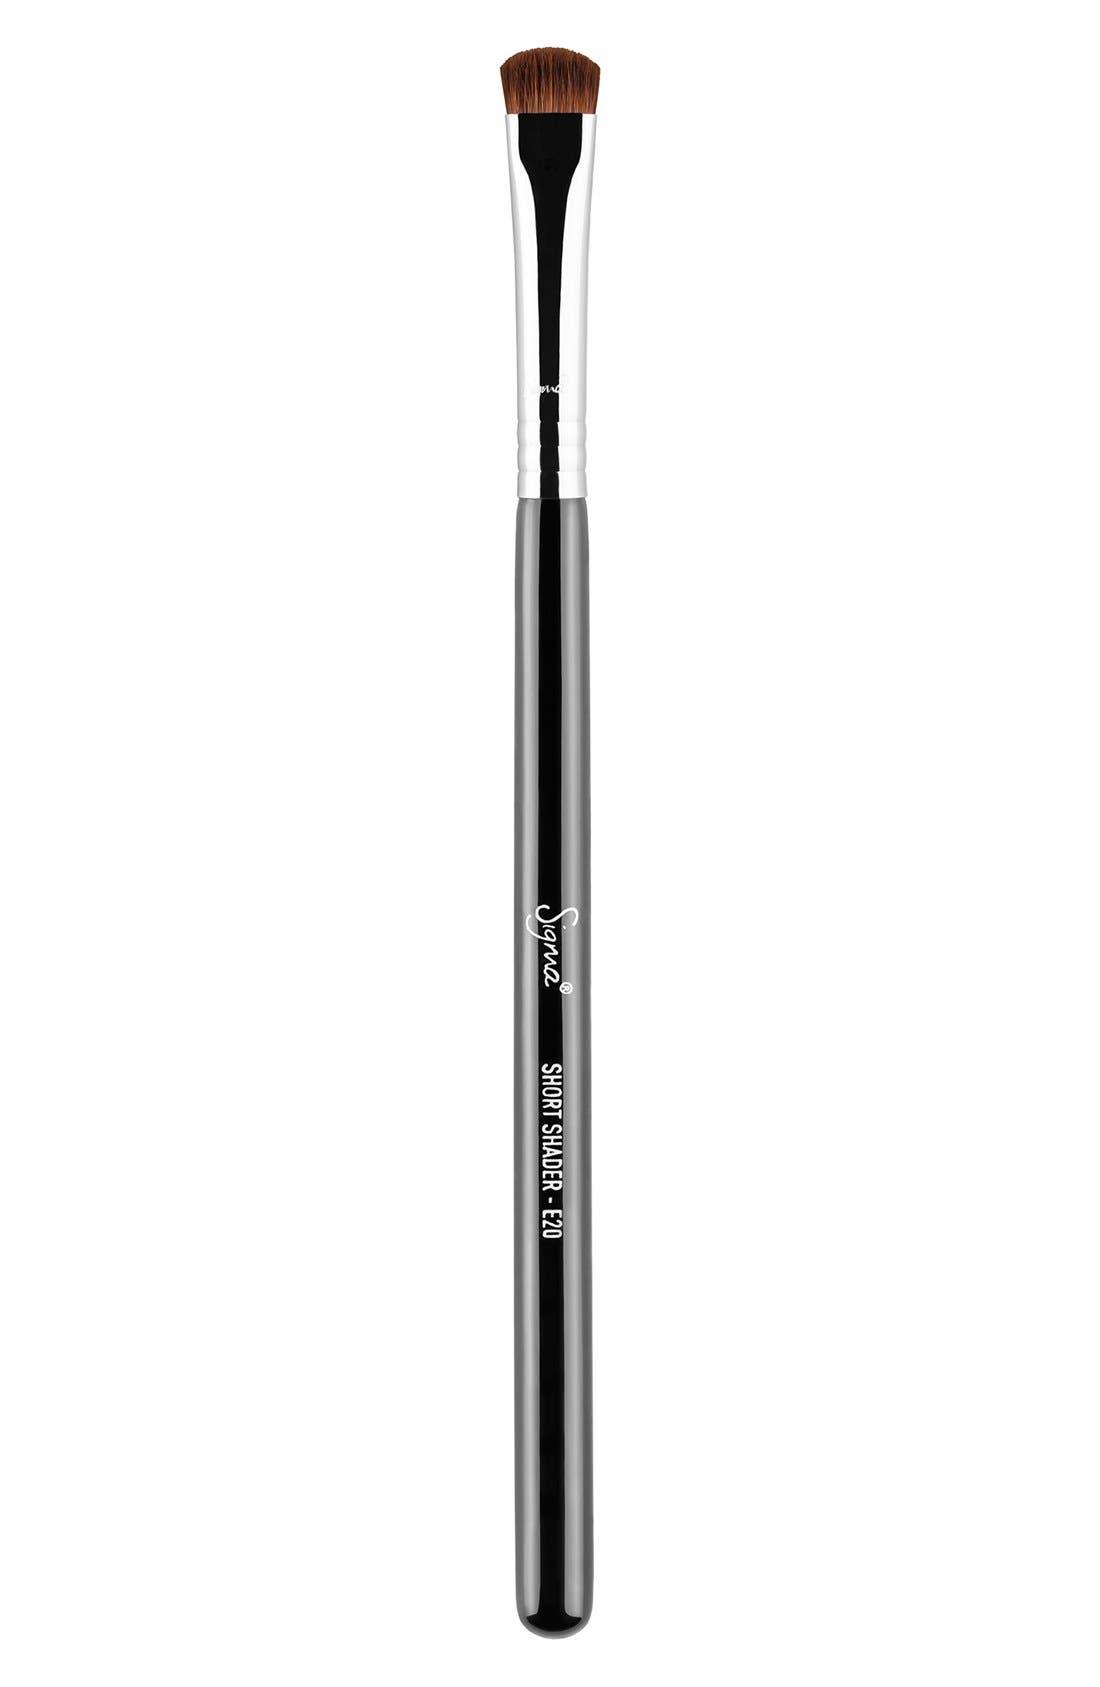 E20S Short Shader Brush,                         Main,                         color, NO COLOR